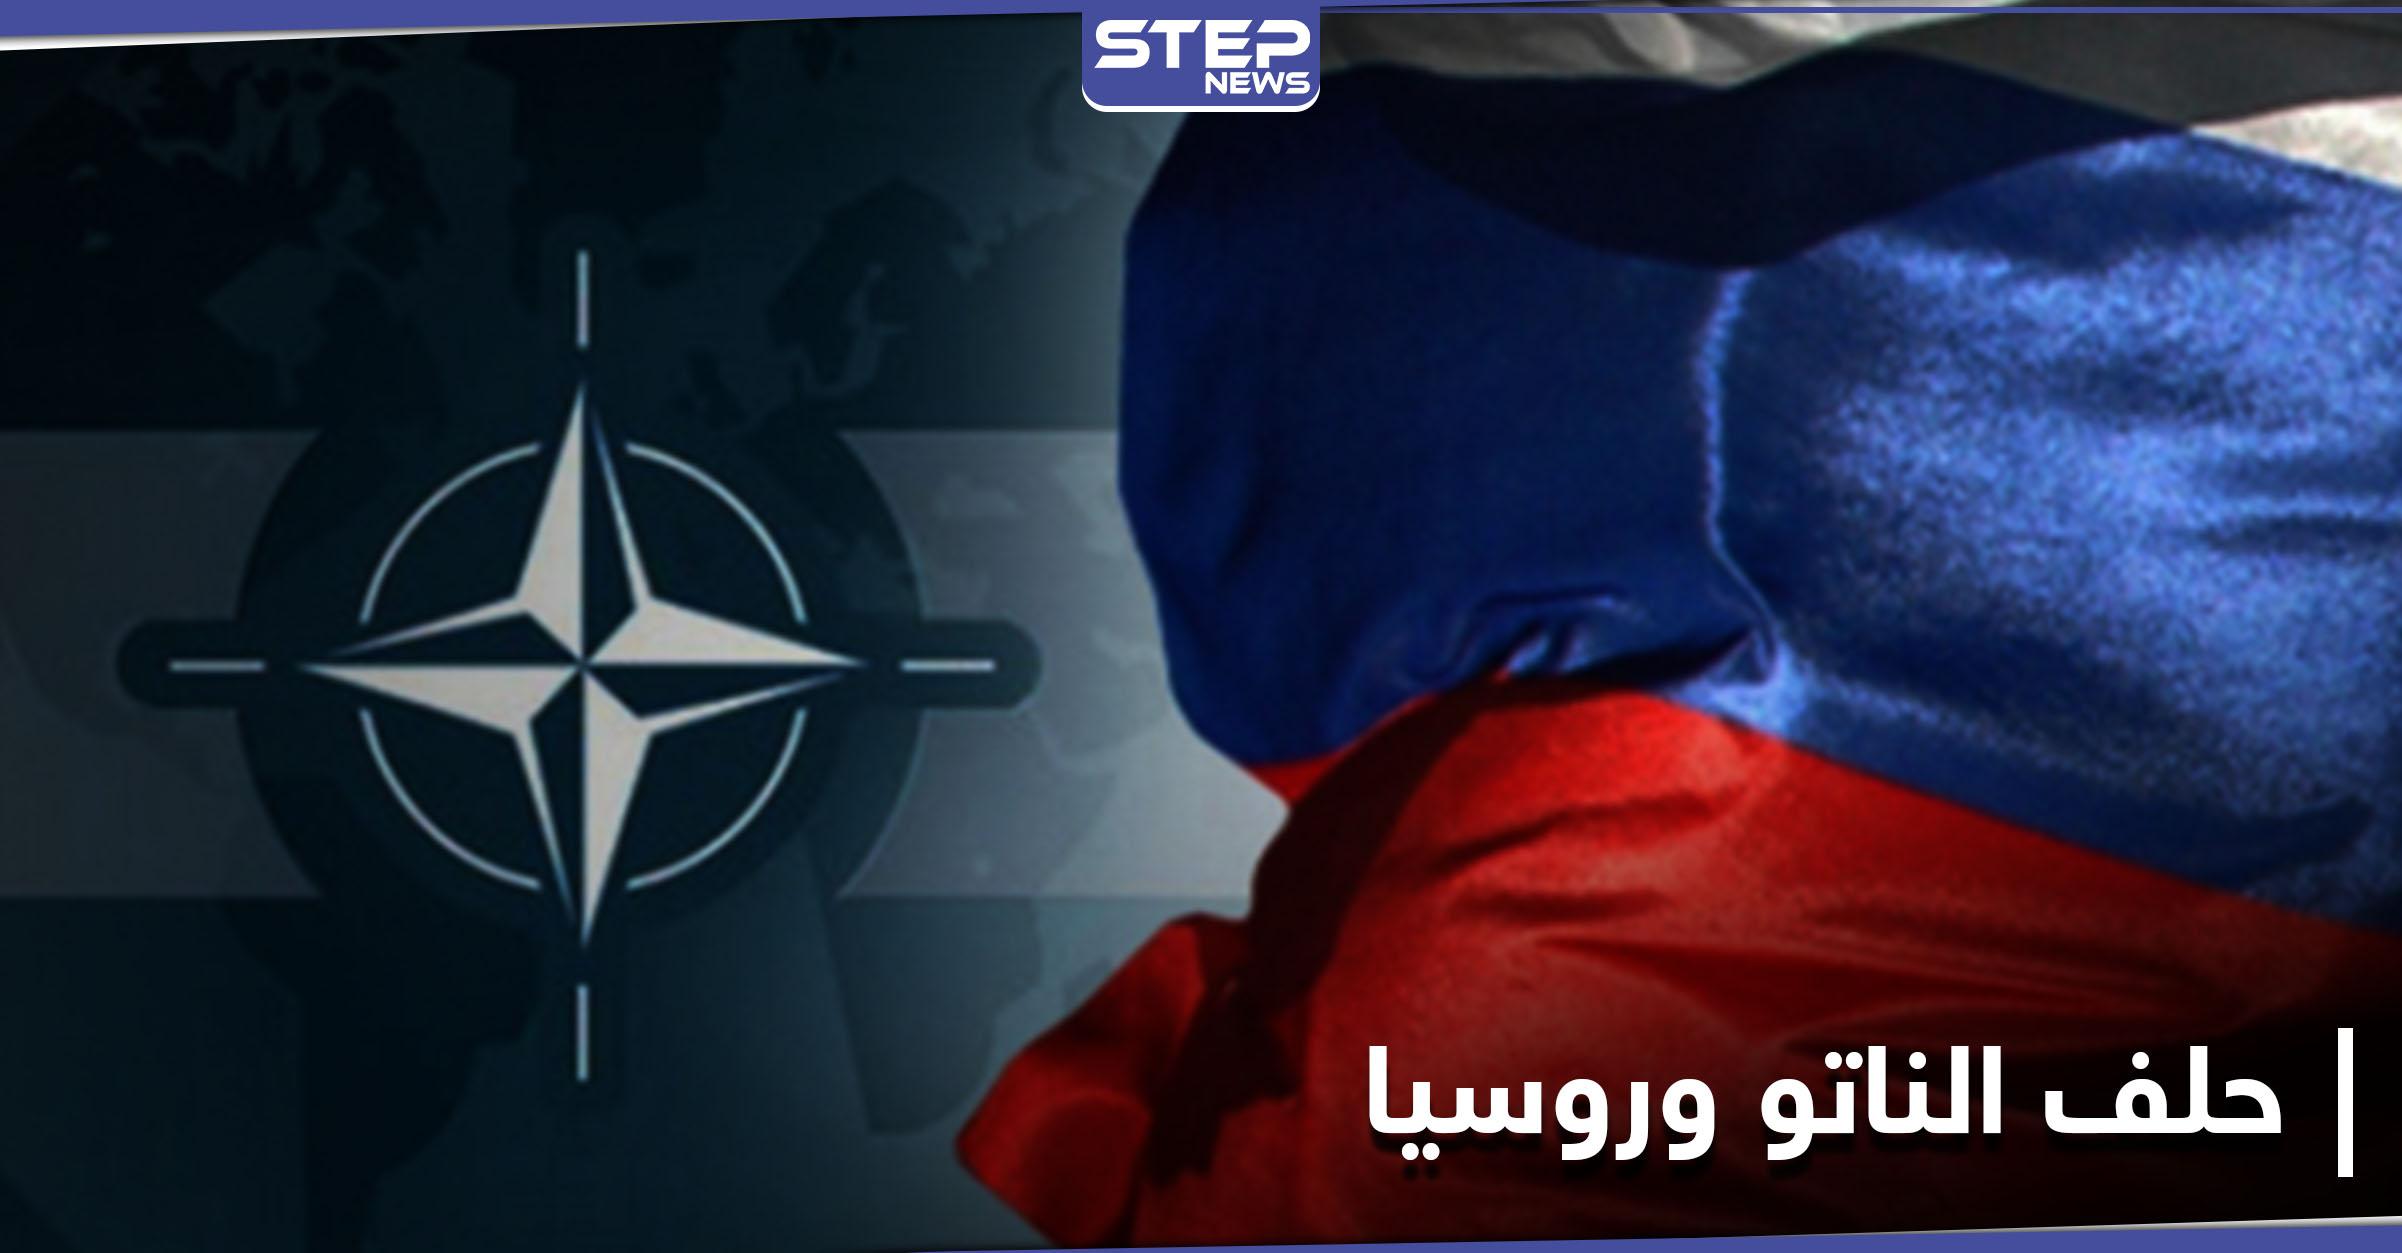 تصاعد حدة التوتر بين حلف الناتو وروسيا